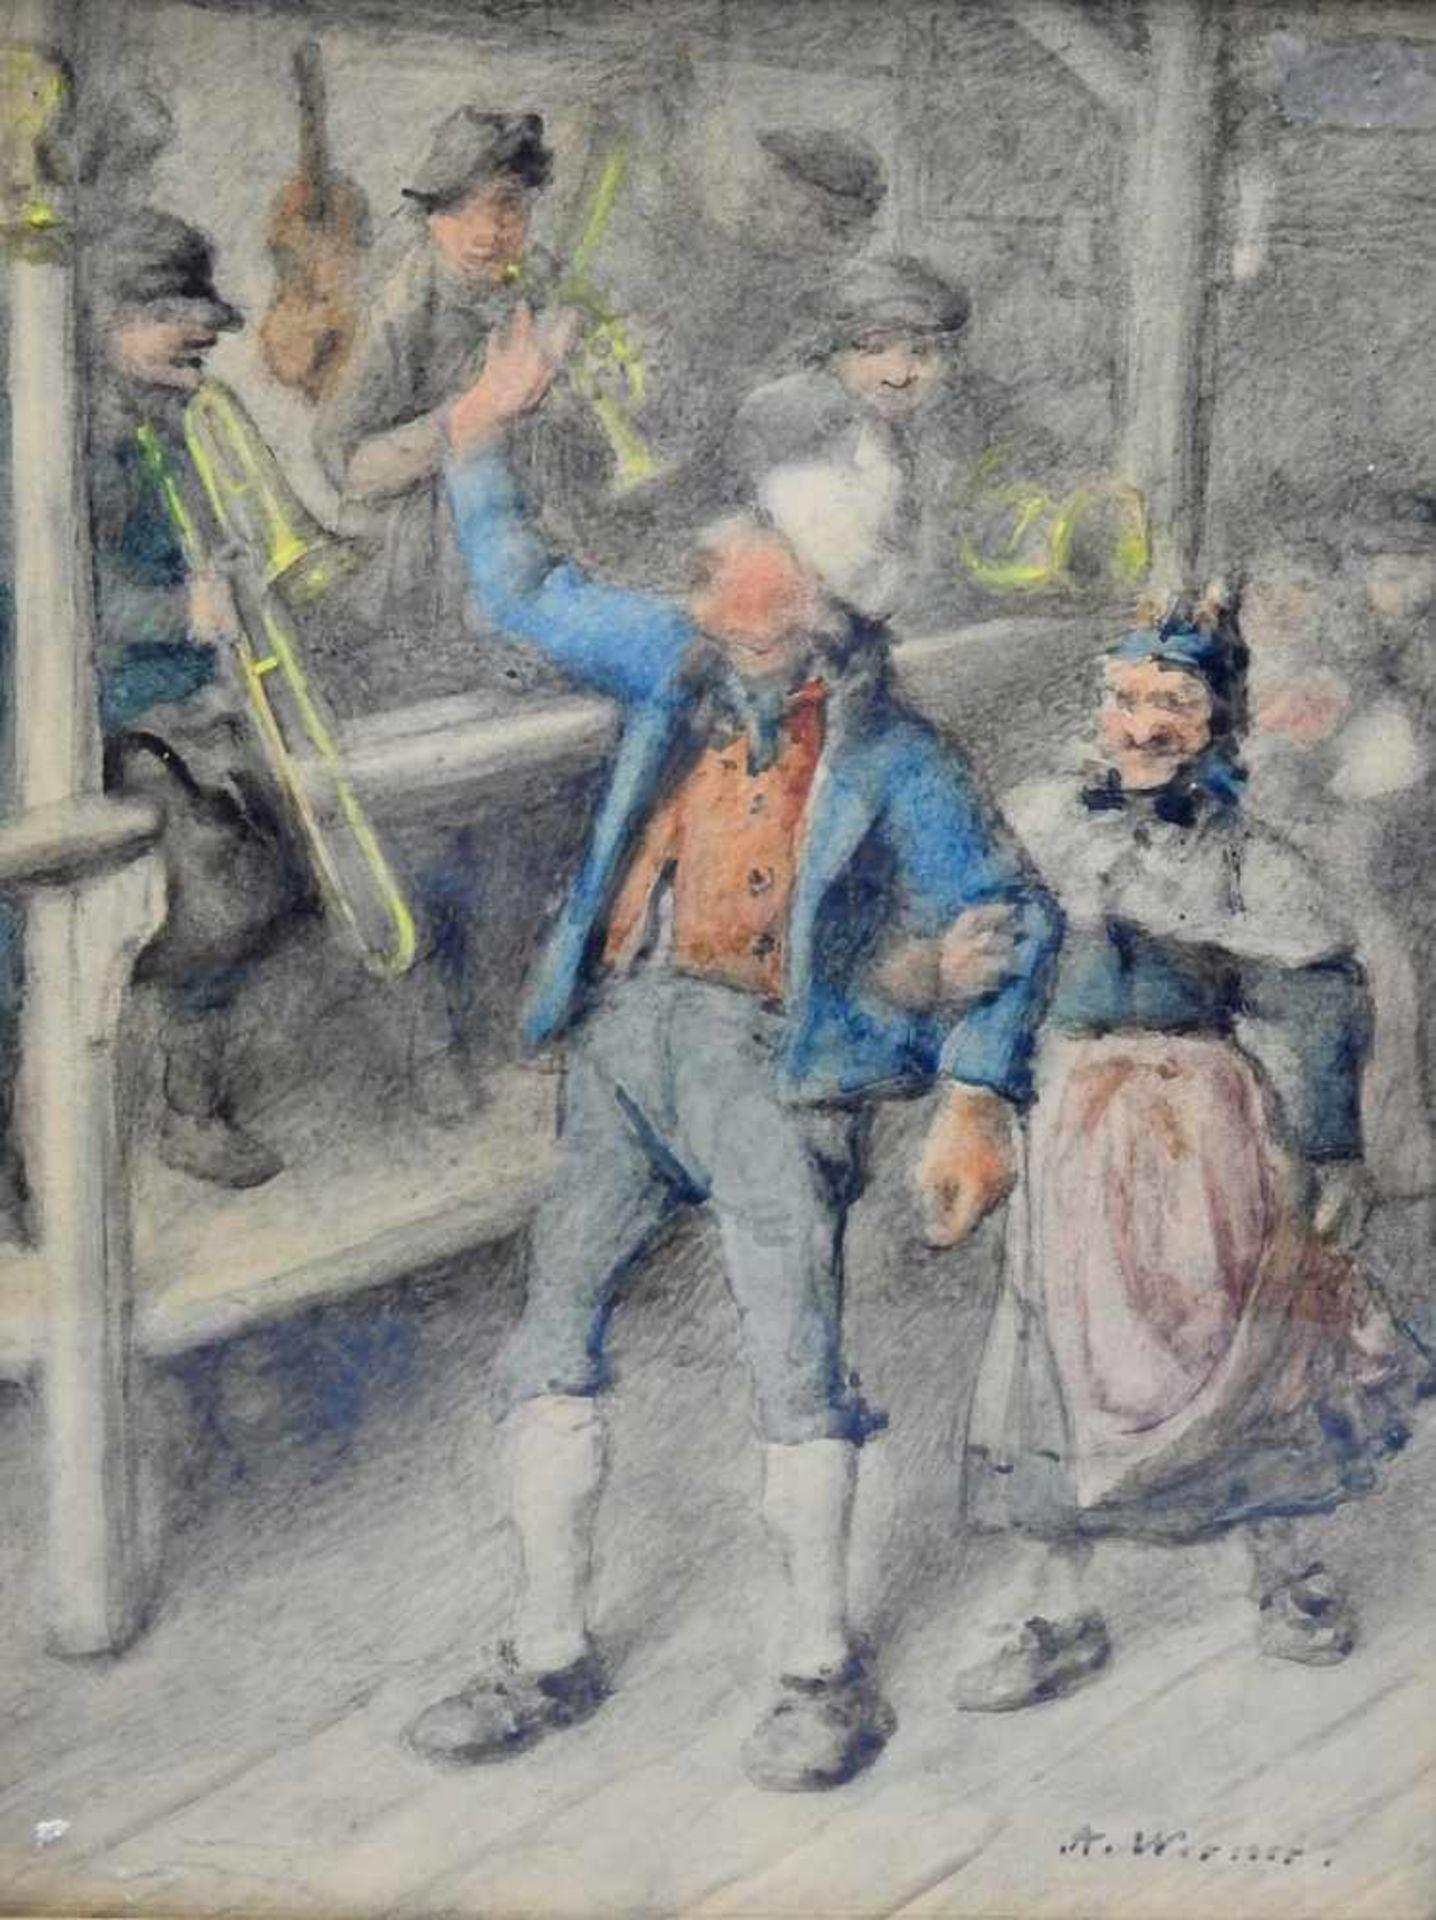 Tanzendes Bauernpaar vor MusikkapelleAquarell/Papier. Altes tanzendes Bauernpaar vor einer